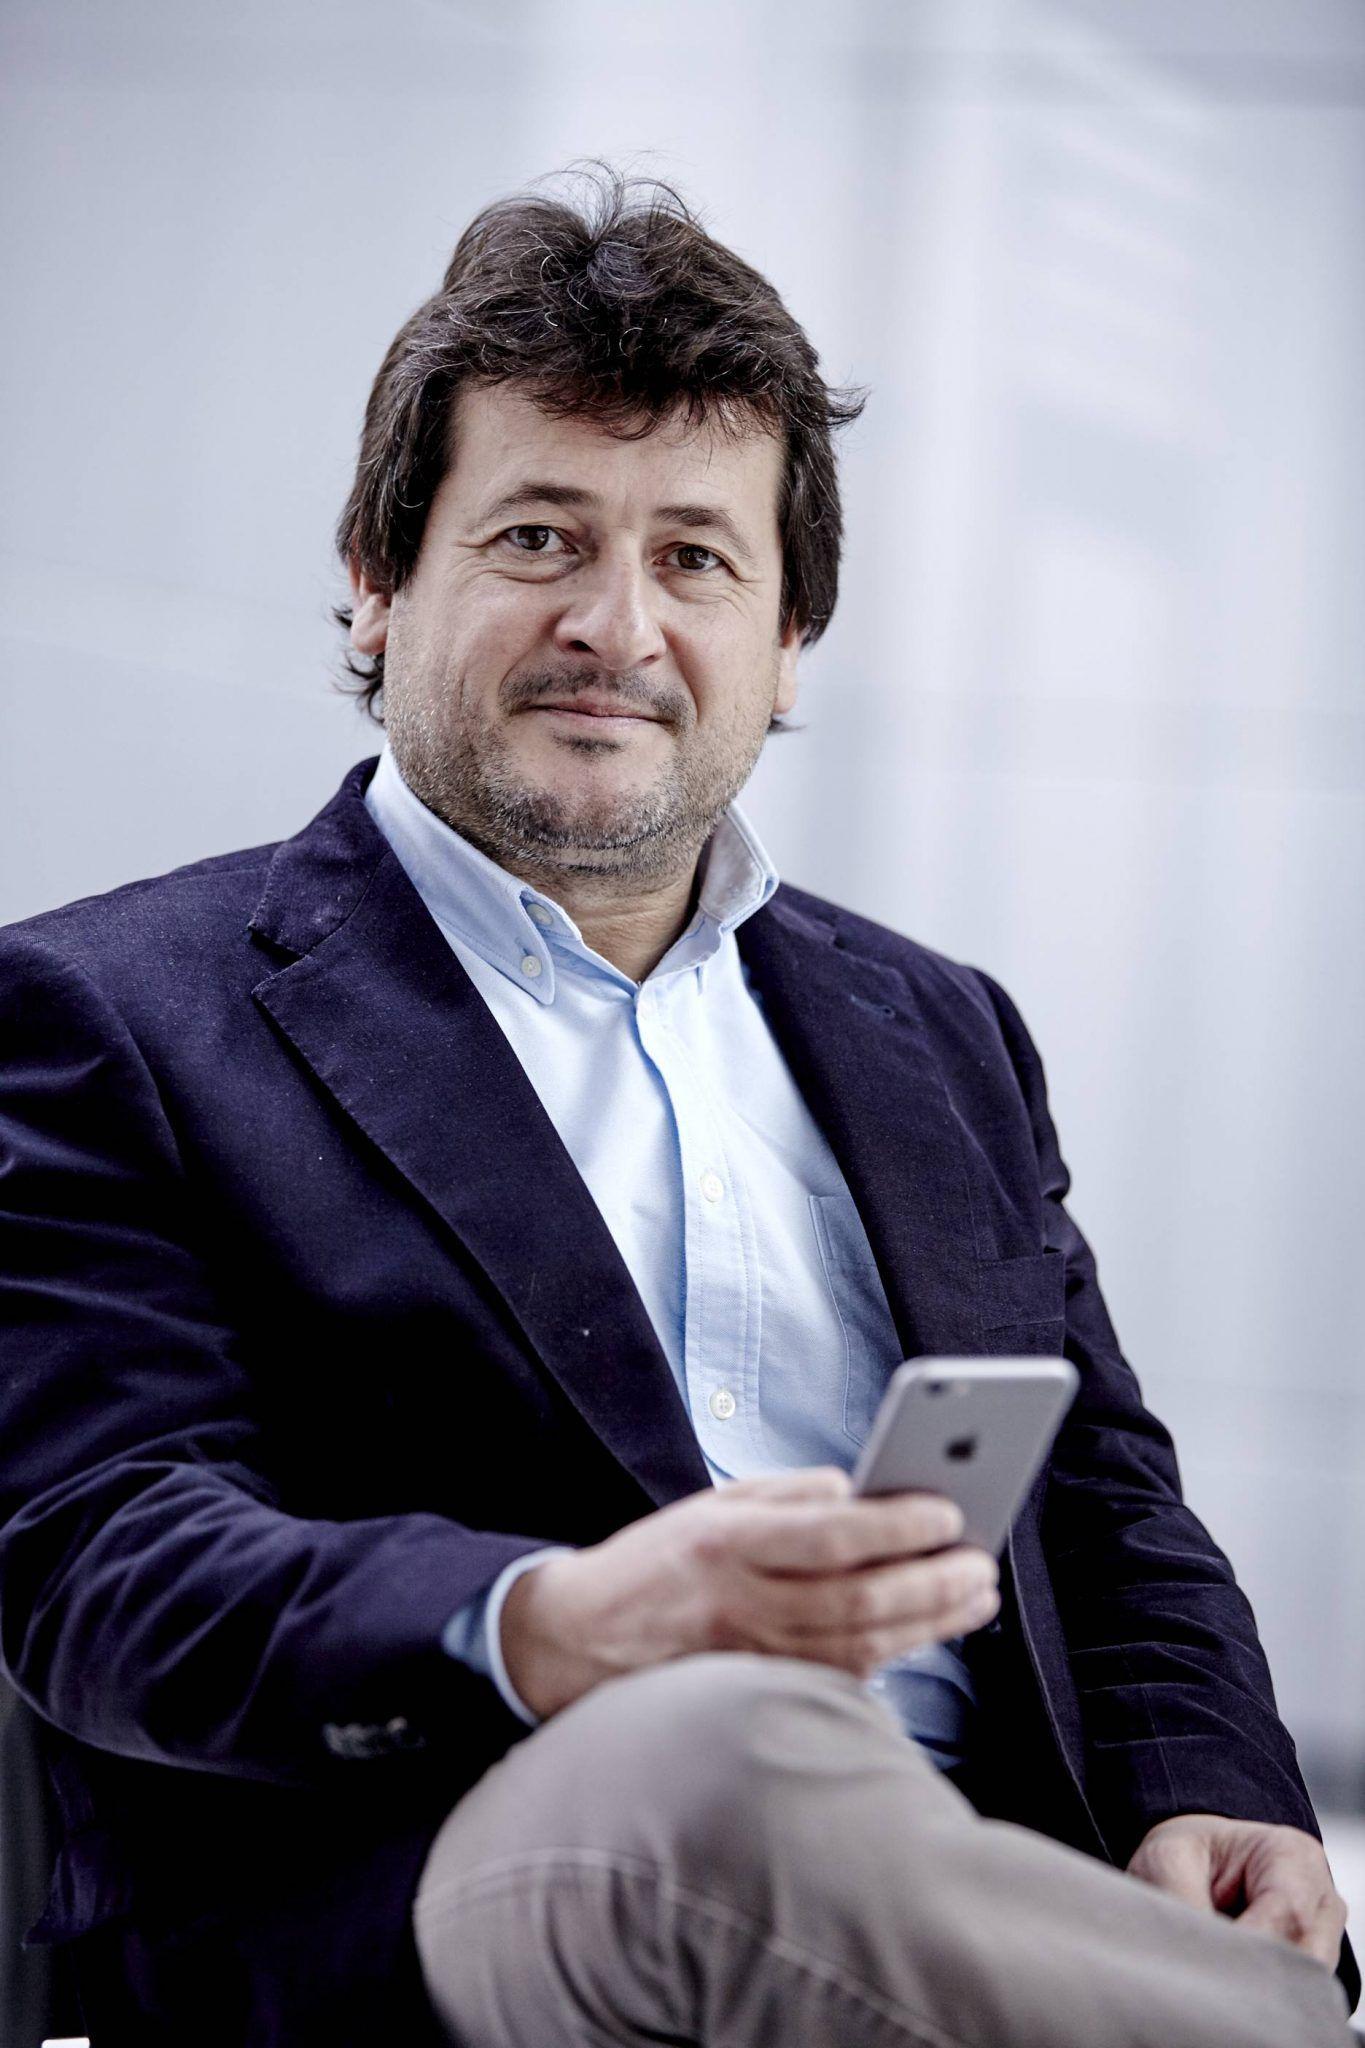 Manuel Pérez Alonso, profesor titular del Departamento de Genética de la Universitat de València, director de Genética Médica News  y pionero en el campo del emprendimiento científico en nuestro país.